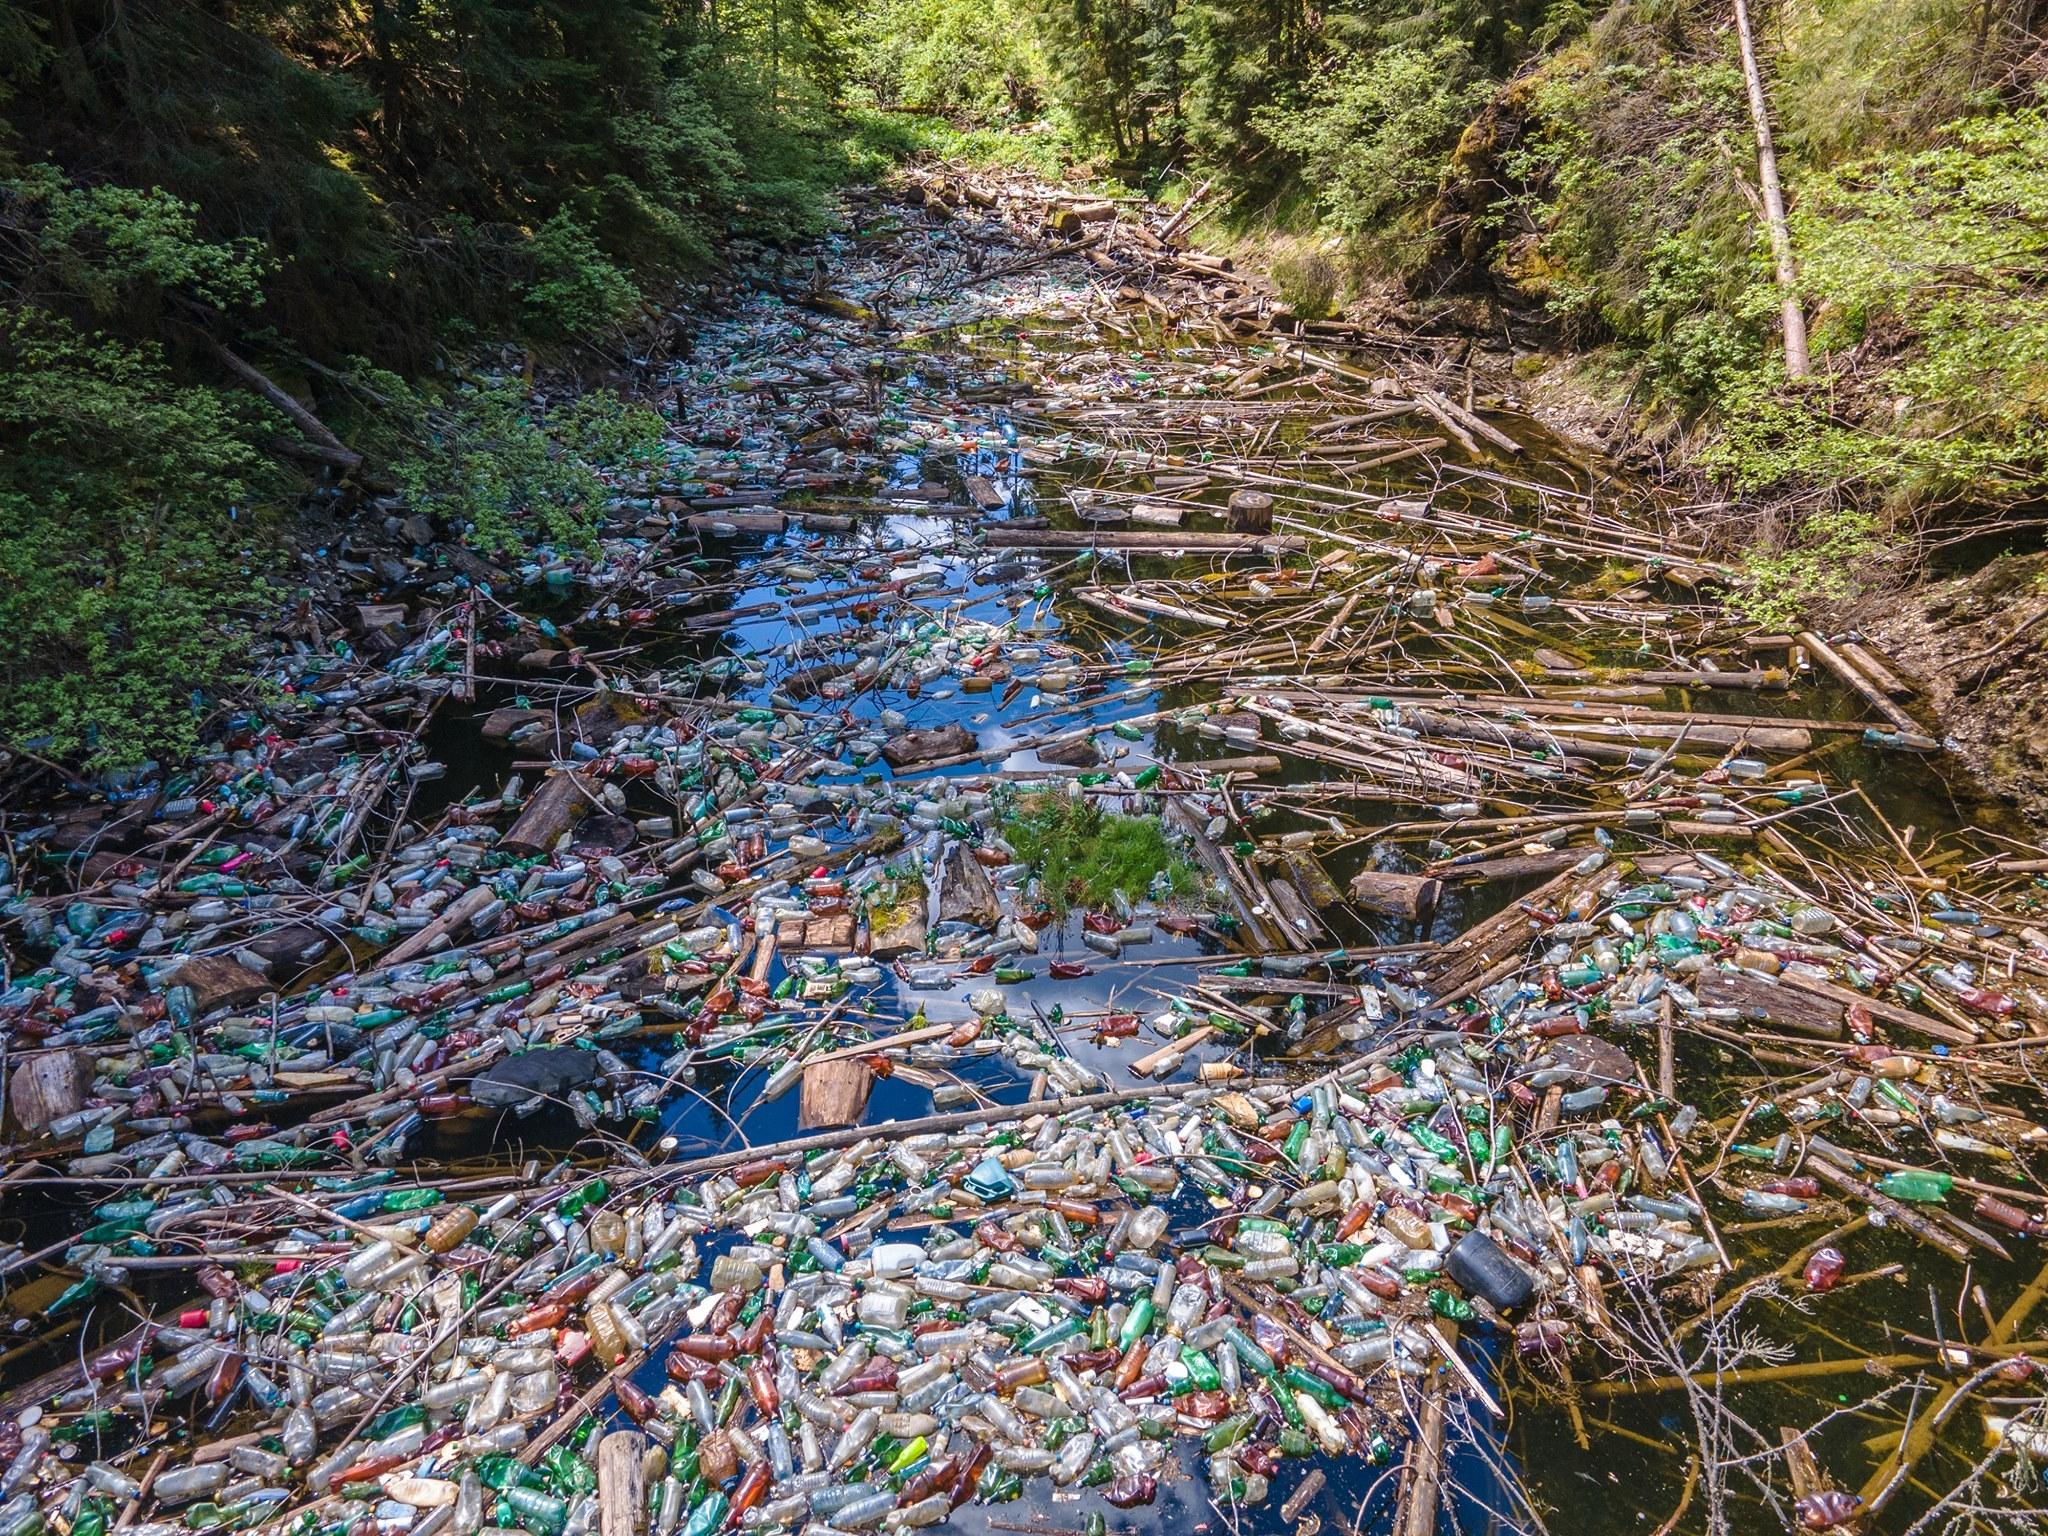 Unul dintre cele mai frumoase lacuri din Apuseni, acoperit de gunoaie: zeci de voluntari au strâns deșeuri